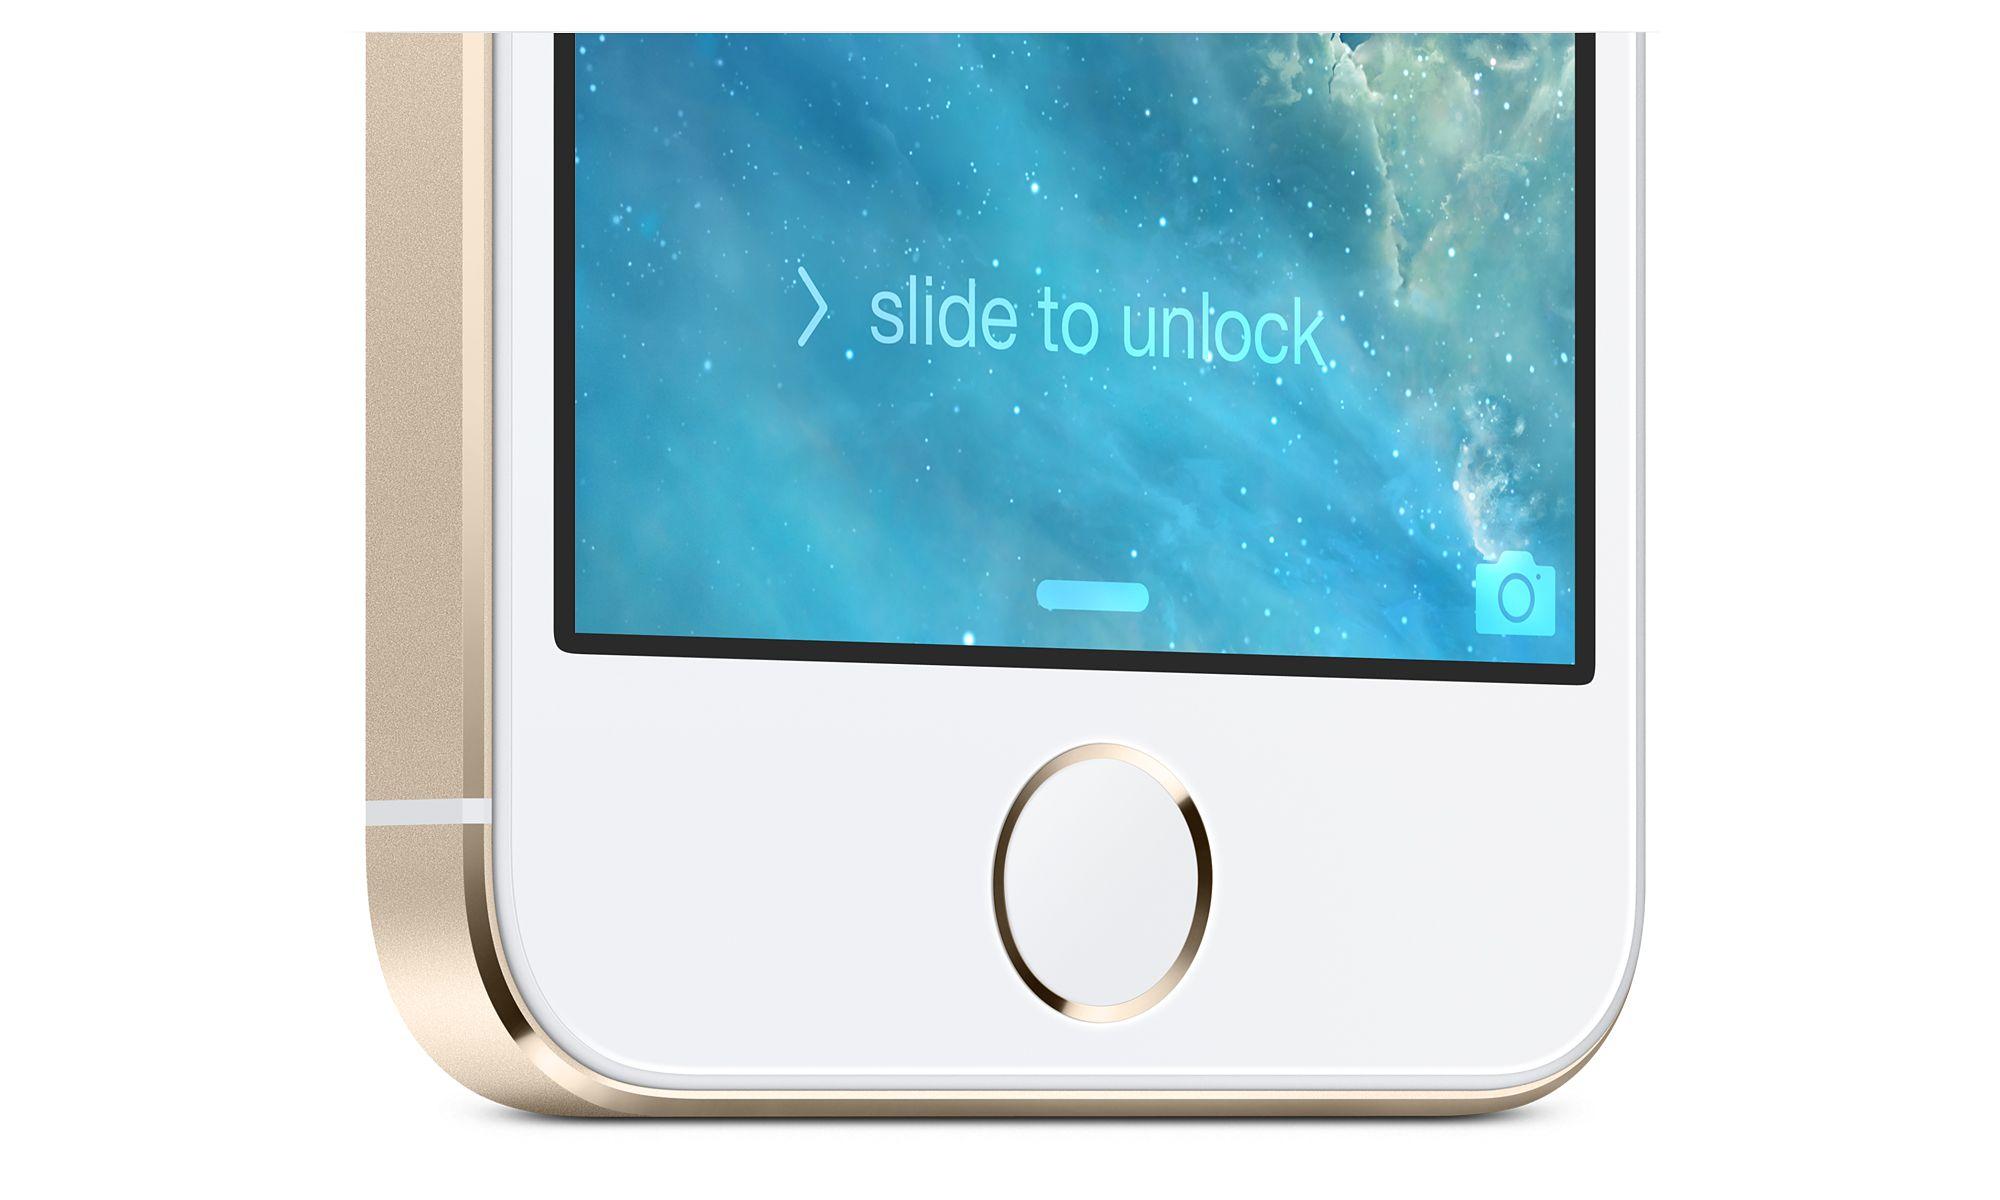 最も入手困難なiPhone 5s(16GB)ゴールド、オークションにて100万円超で落札!